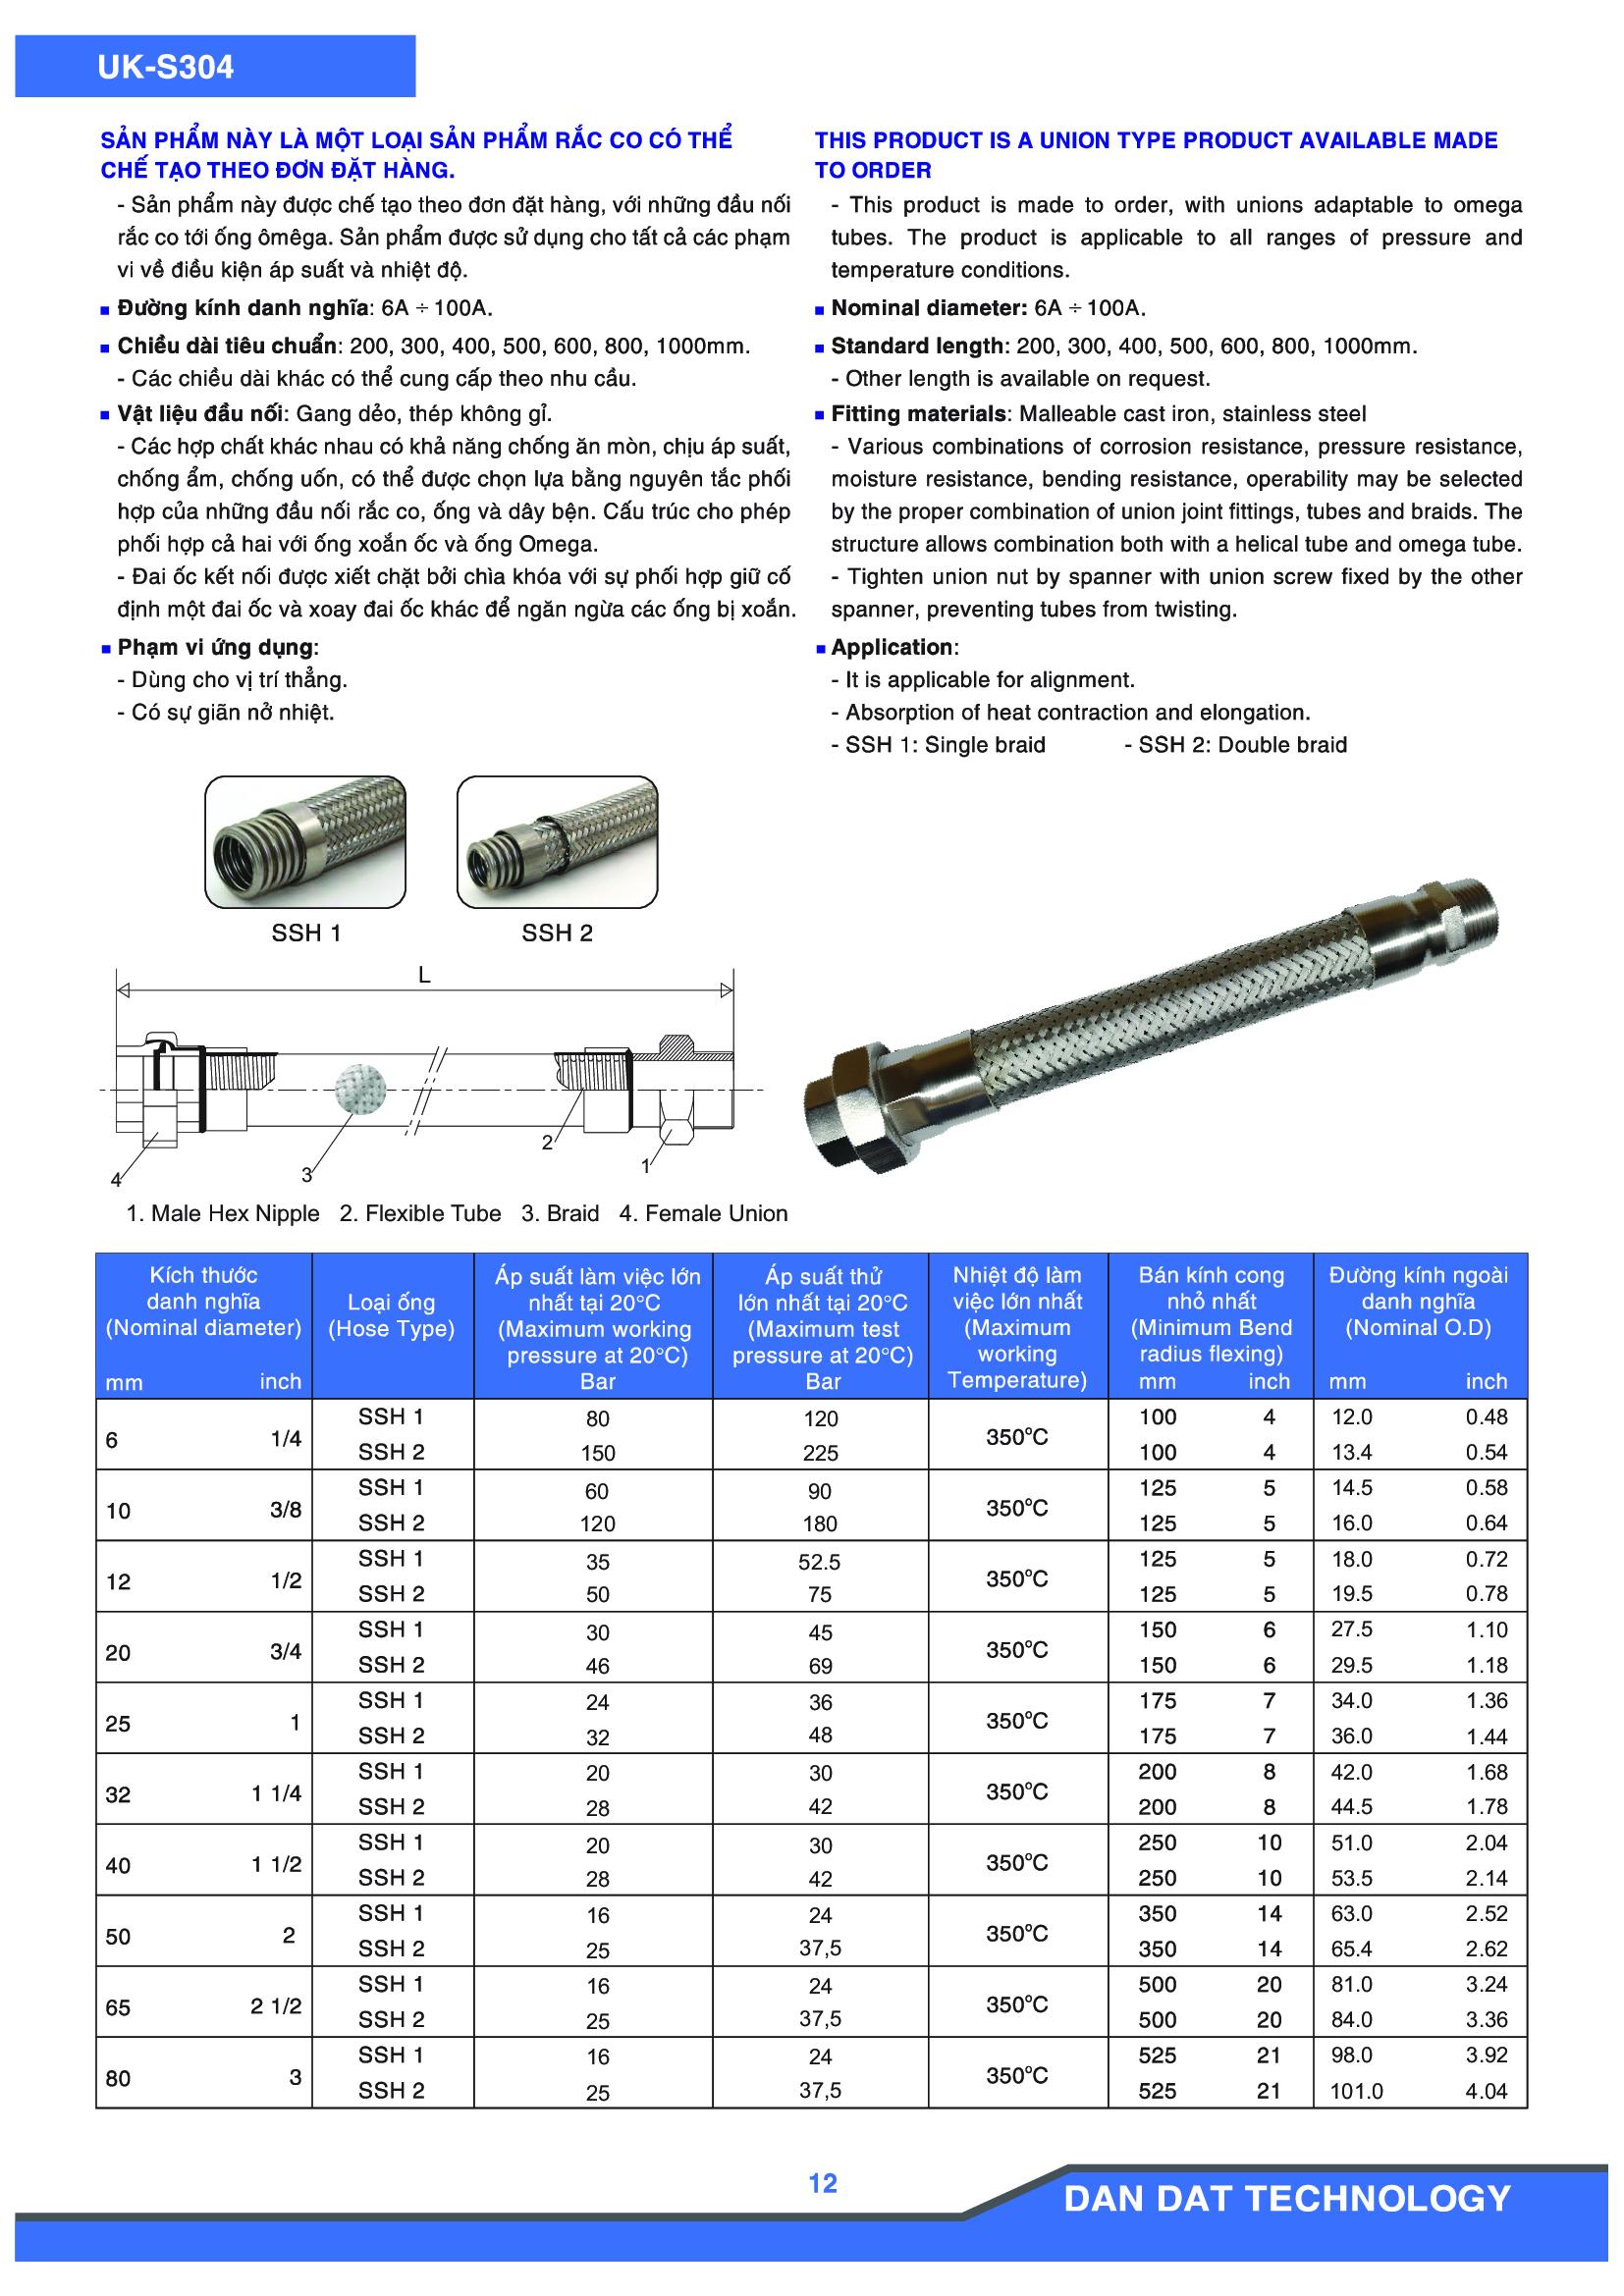 Khớp nối mềm model UK-S304